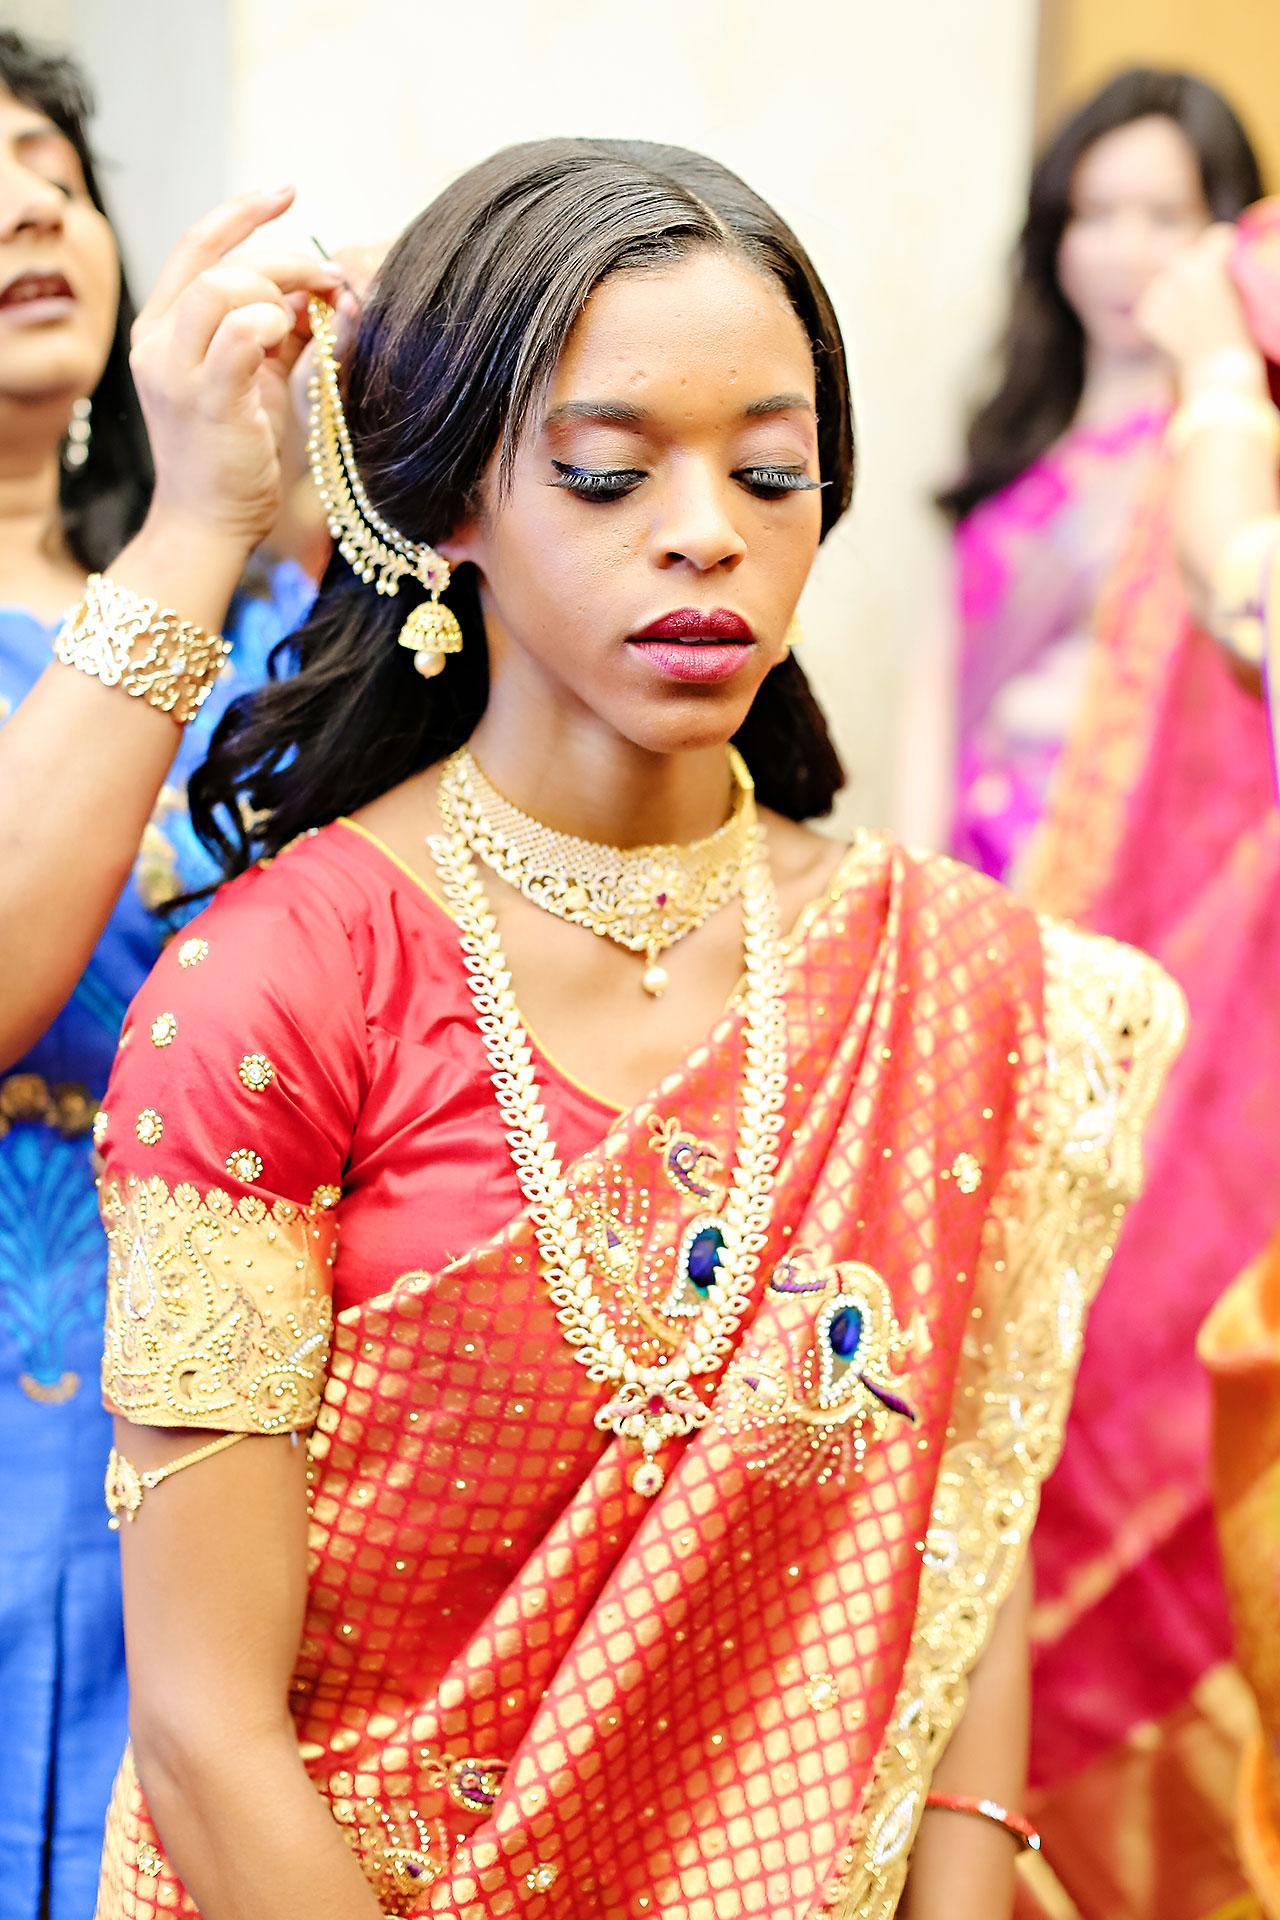 Joie Nikhil JW Marriott Indian Wedding 030